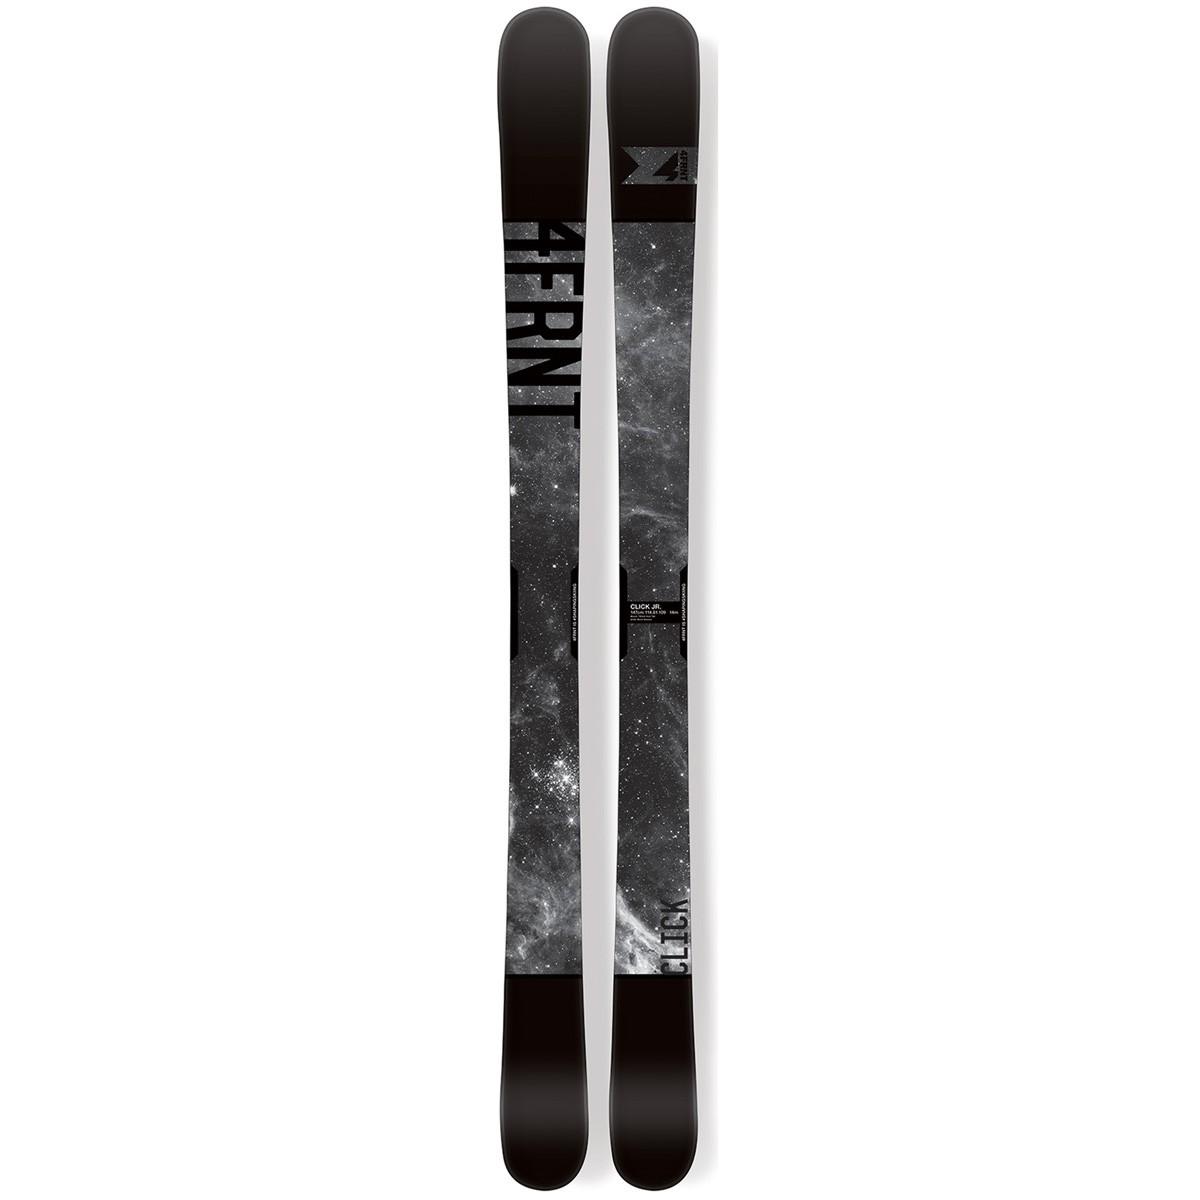 Горные лыжи 4FRNT CLICK JR FW18 купить в Москве, Санкт-Петербурге. Горные  лыжи 4FRNT CLICK JR FW18 цена, отзывы, скидки в магазине Траектория c0abf930d30